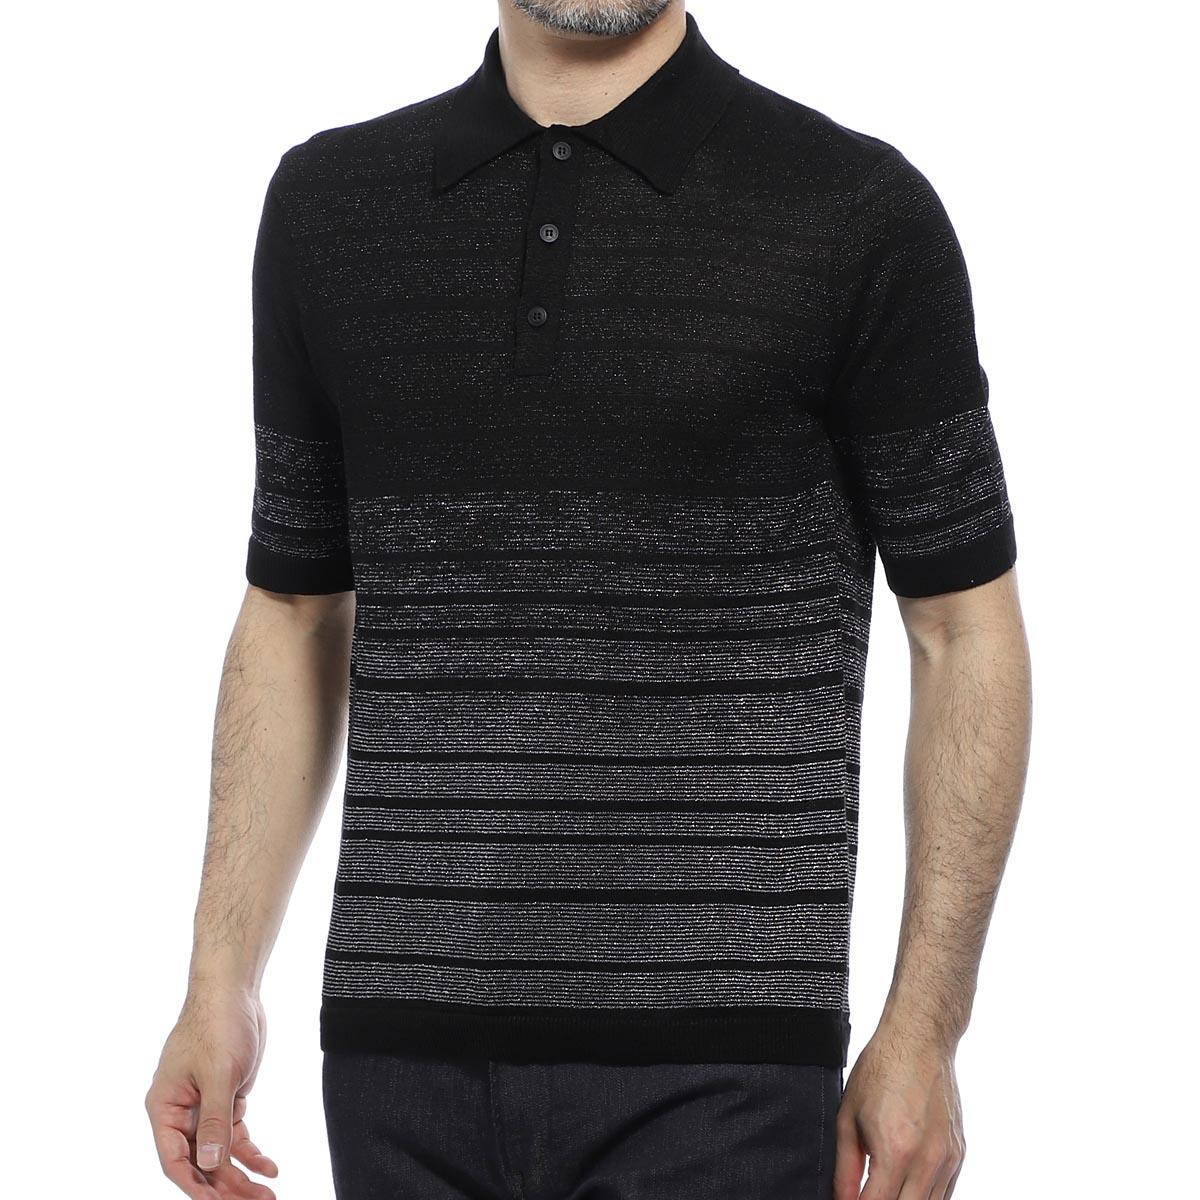 サンローランパリ SAINT LAURENT PARIS ポロシャツ ブラック メンズ 604881 yals2 1081 Saint Laurent polo shirt with lurex stripes 【あす楽対応_関東】【返品送料無料】【ラッピング無料】